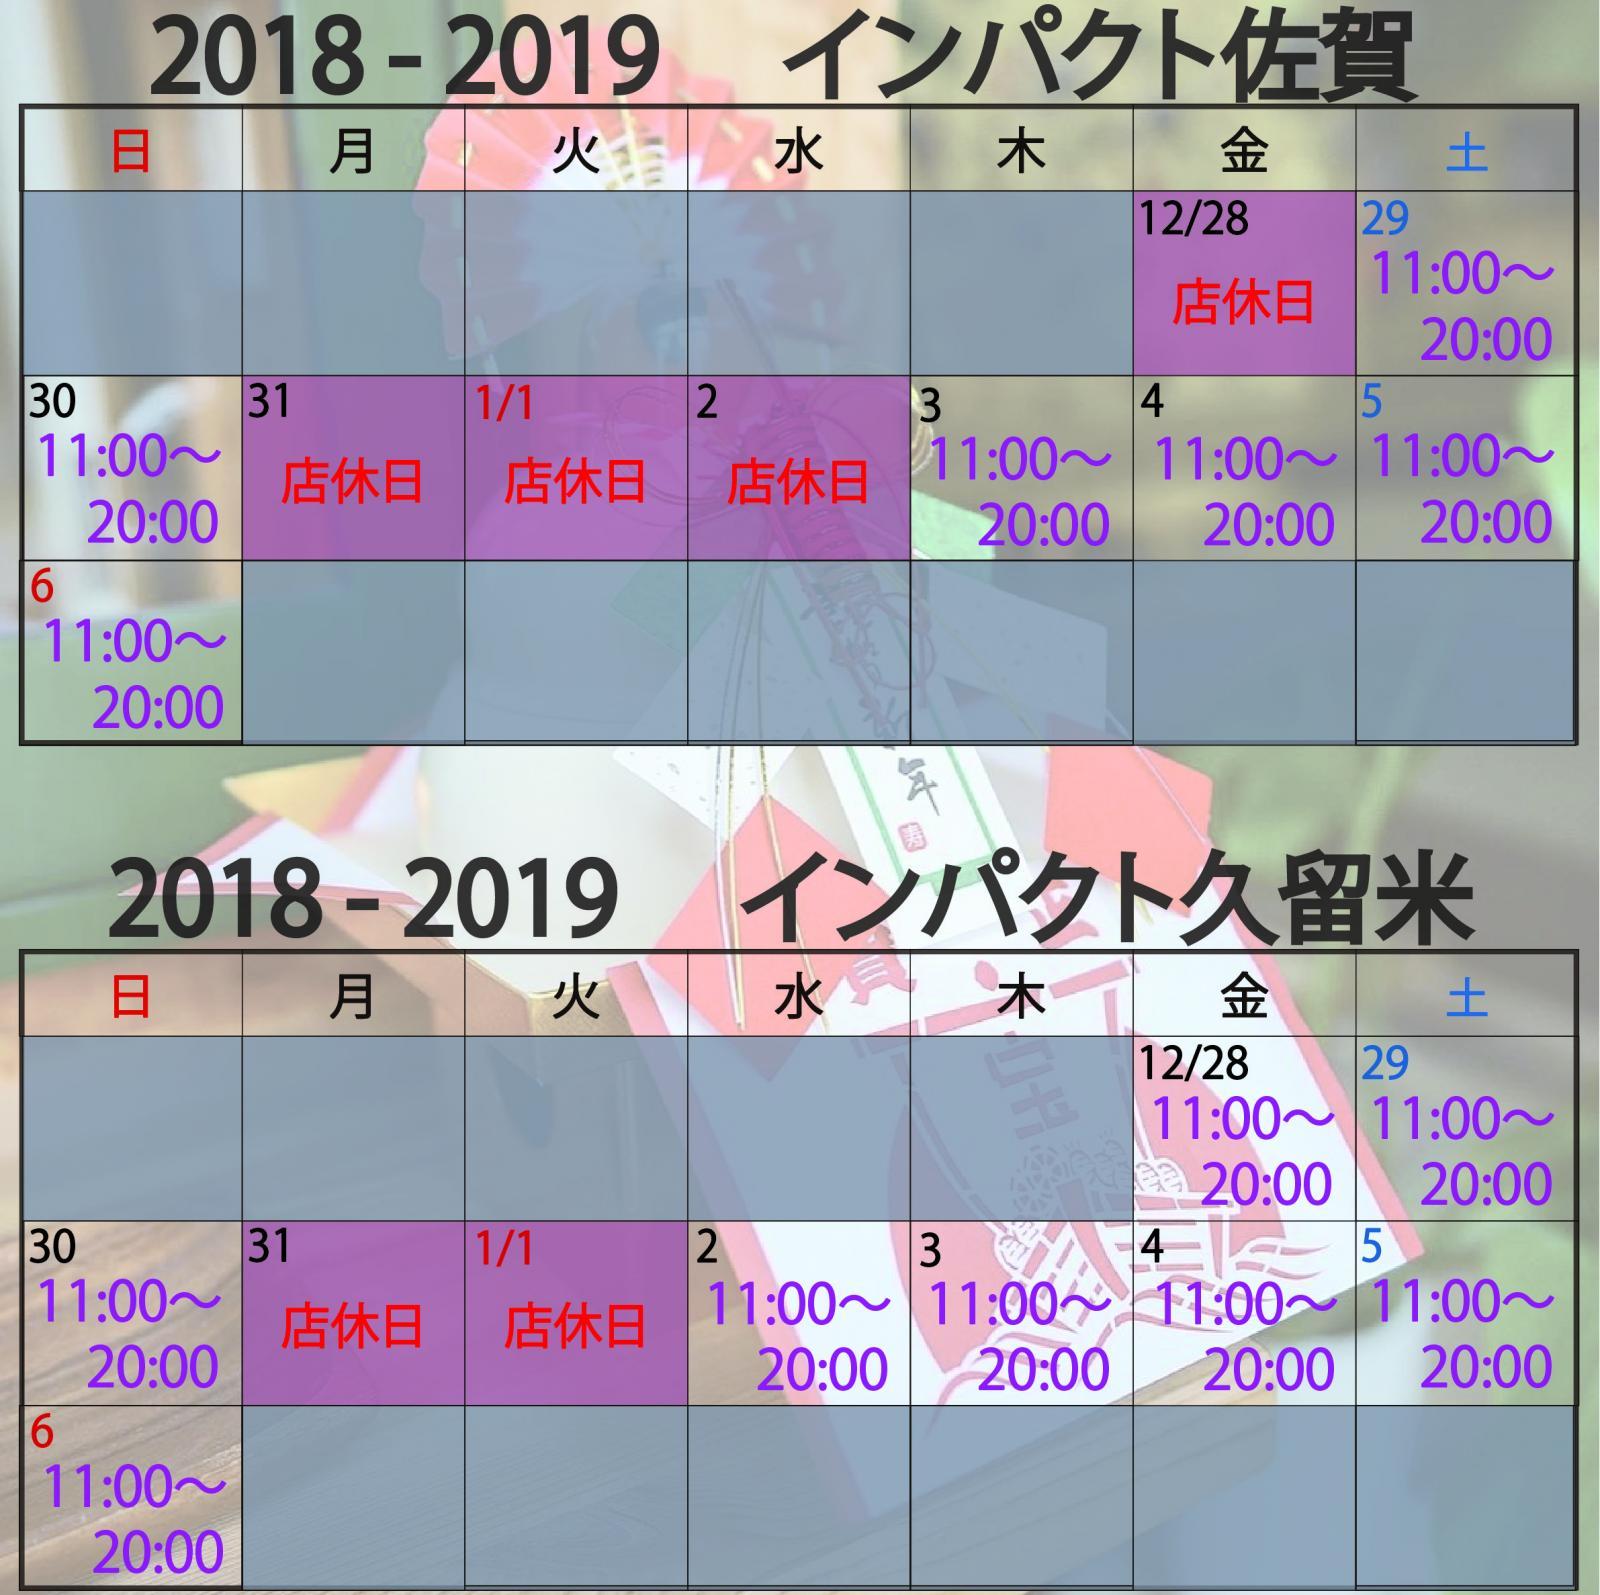 カレンダーインパクト2018-2019.jpg